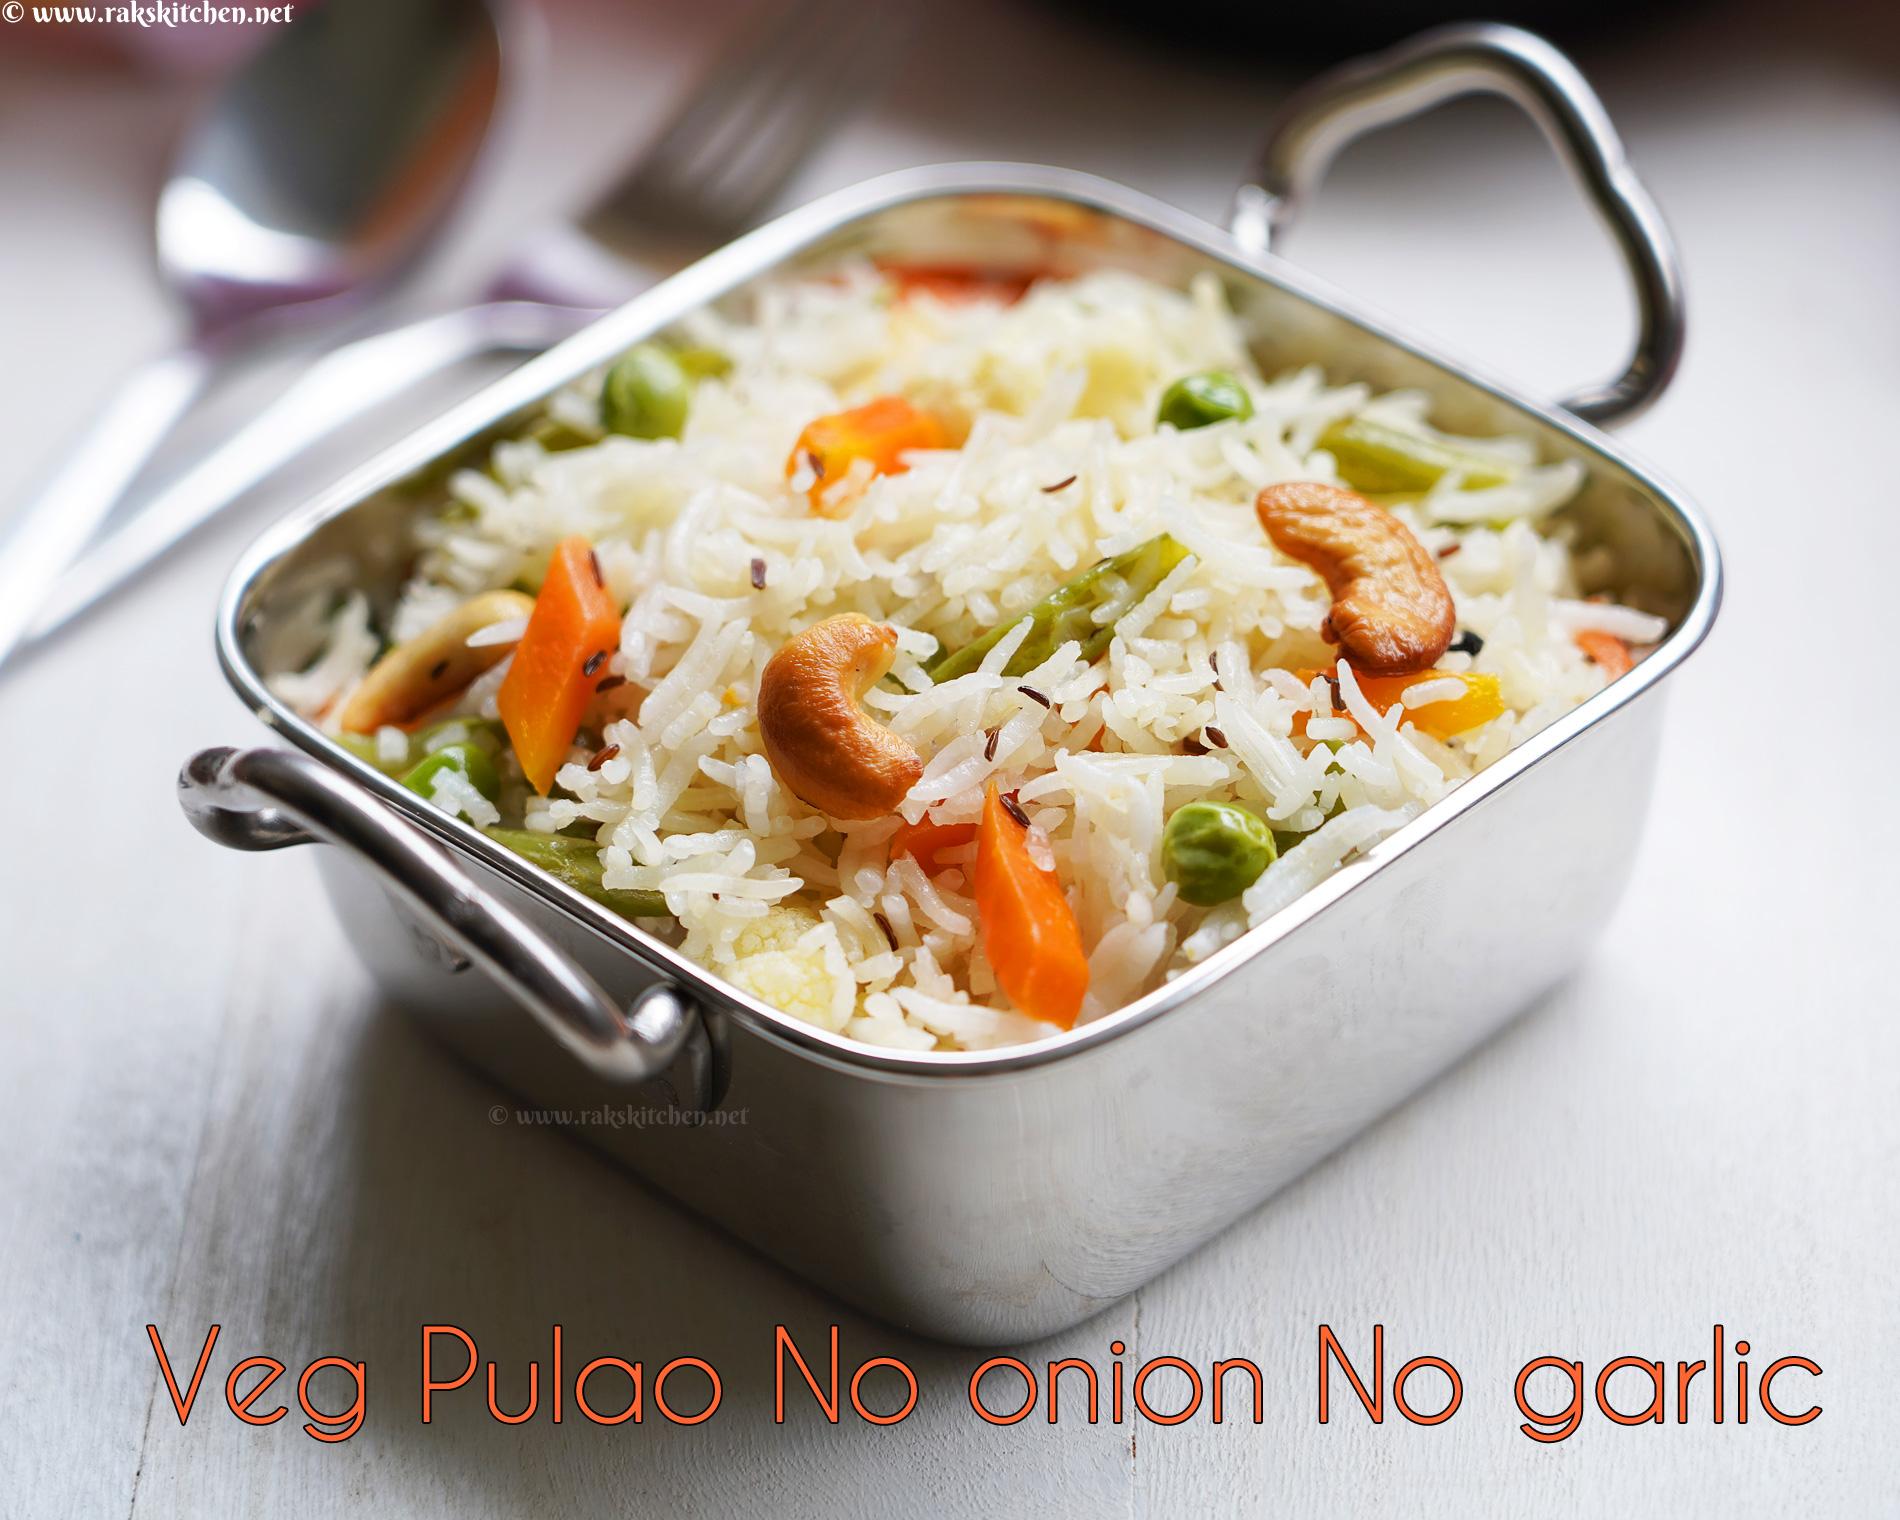 no-onion-no-garlic-veg-pulao